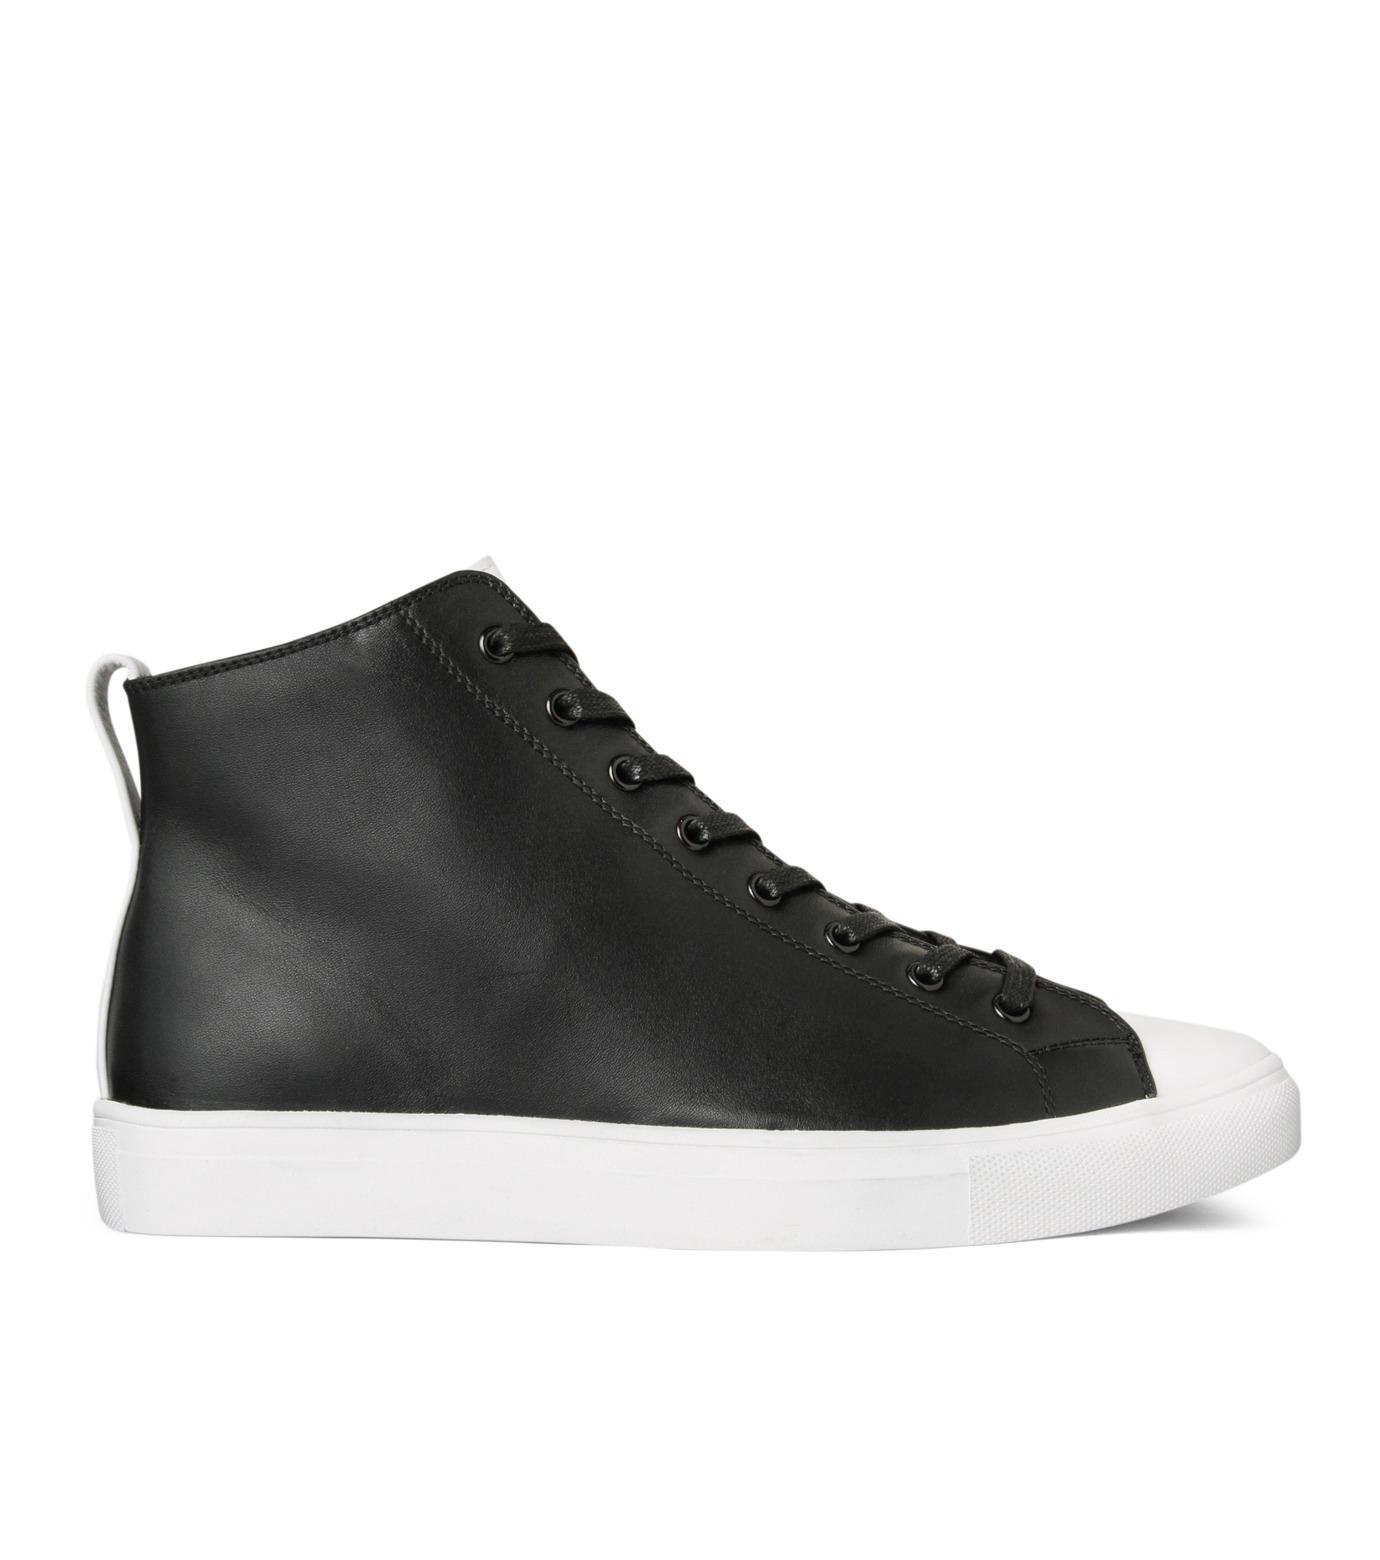 HL HEDDIE LOVU(エイチエル・エディールーヴ)のHL Zip Sneaker-BLACK(スニーカー/sneaker)-17S90001-13 拡大詳細画像1